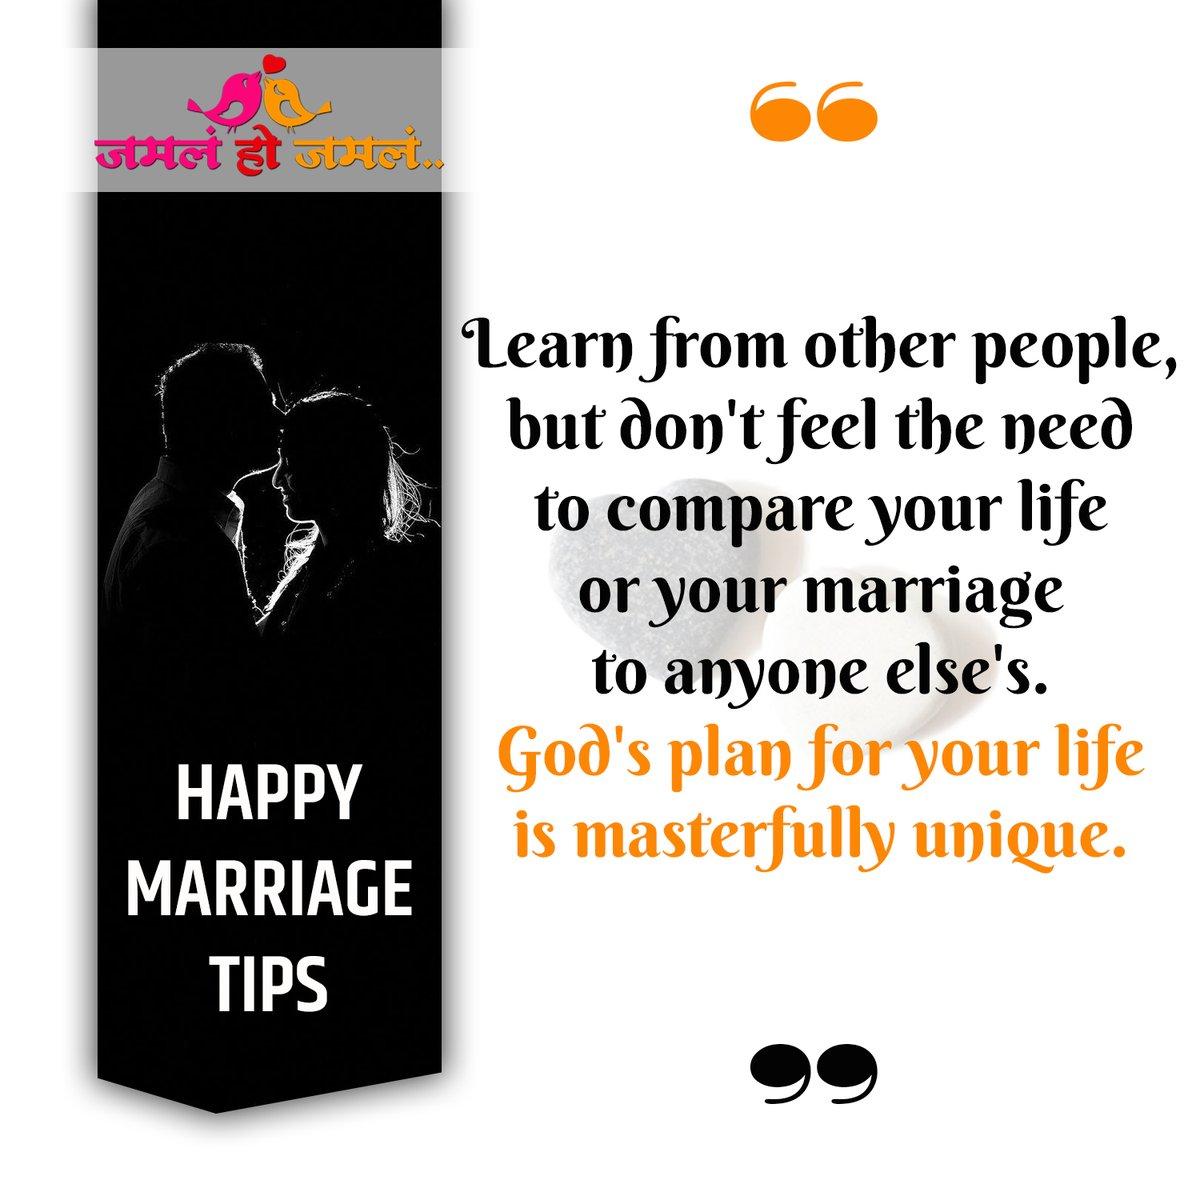 #Wedding #Bride #WeddingDay #WeddingInspiration #Marriage #InstaWedding #marathi #maharashtra #marathistatus #marathimulga #marathimulgi #mimarathi #maharashtrian #prem #marathiactress #marathiweddings #marathibrides #marathigrooms #HappyMarriage #HappyCouple #JamalHoJamalpic.twitter.com/LxGC3JfjML